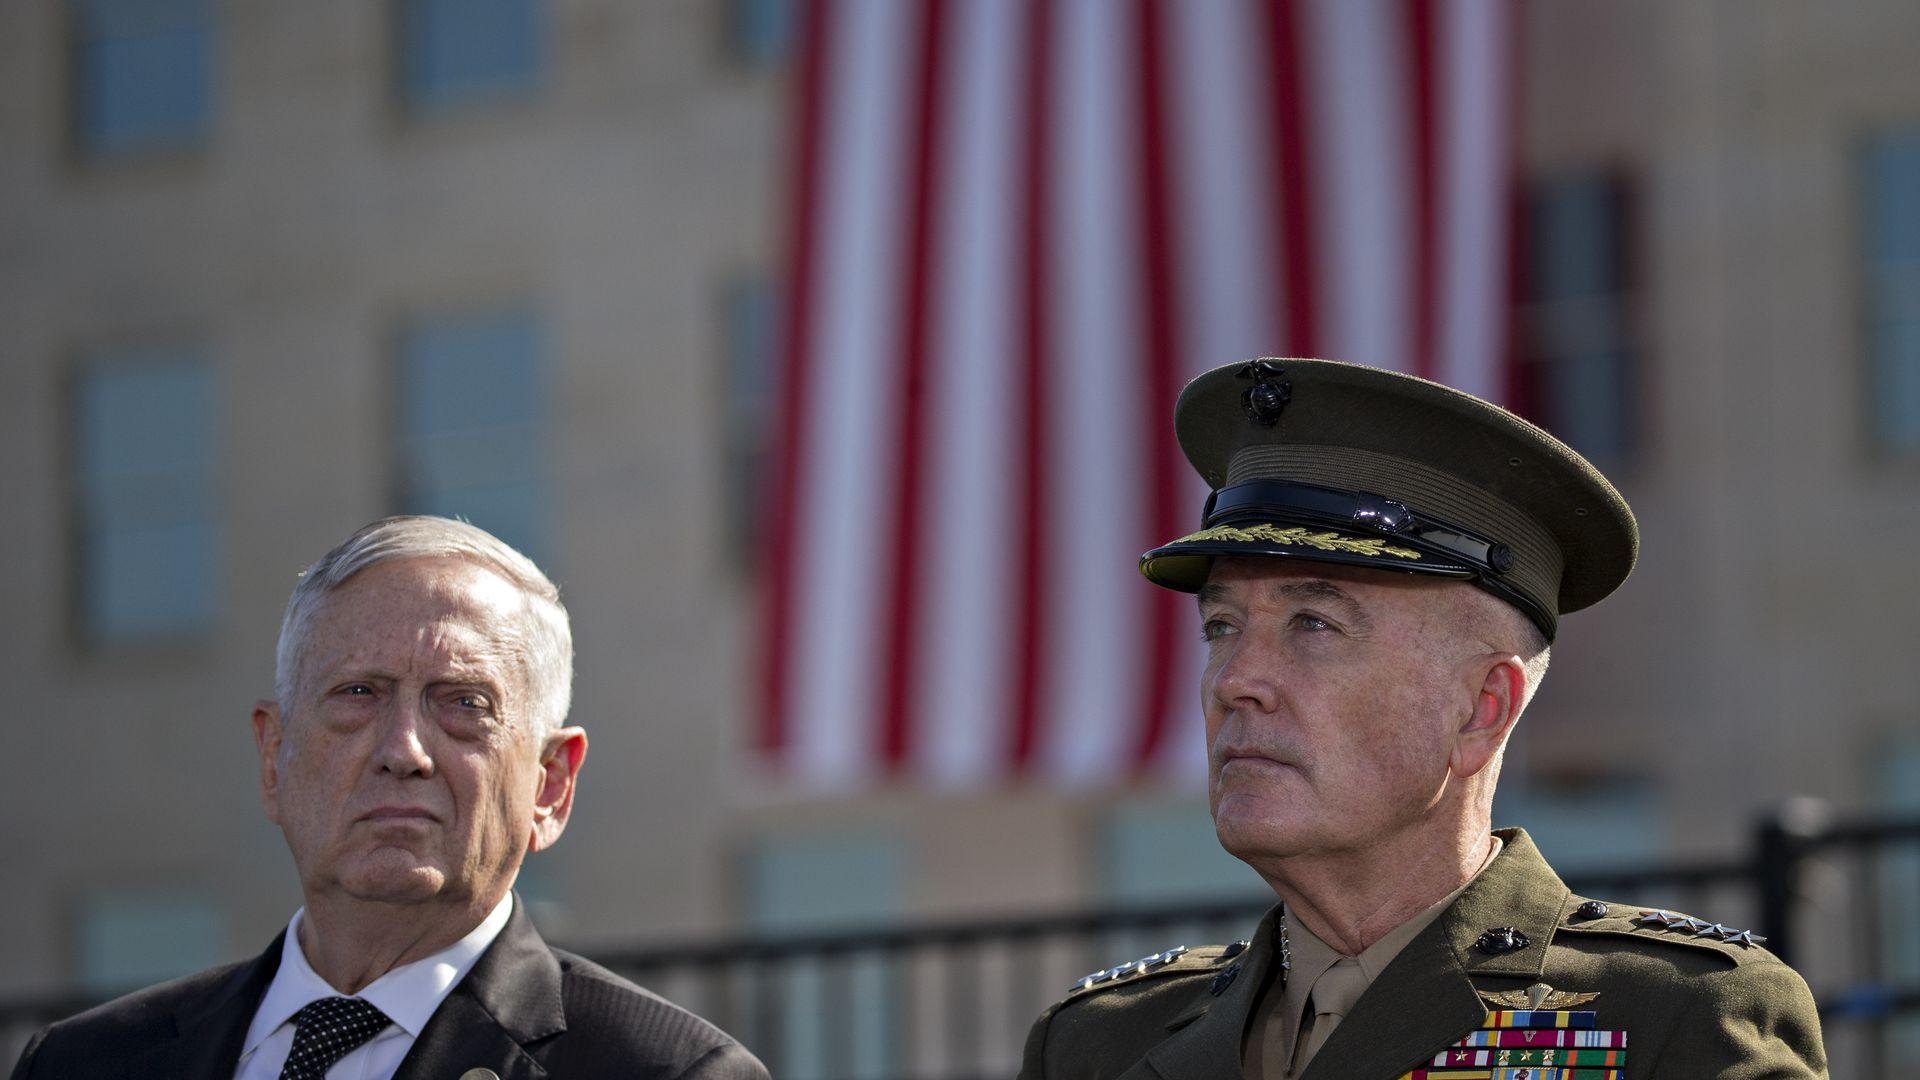 SecDef Jim Mattis and Gen. Joseph Dunford.